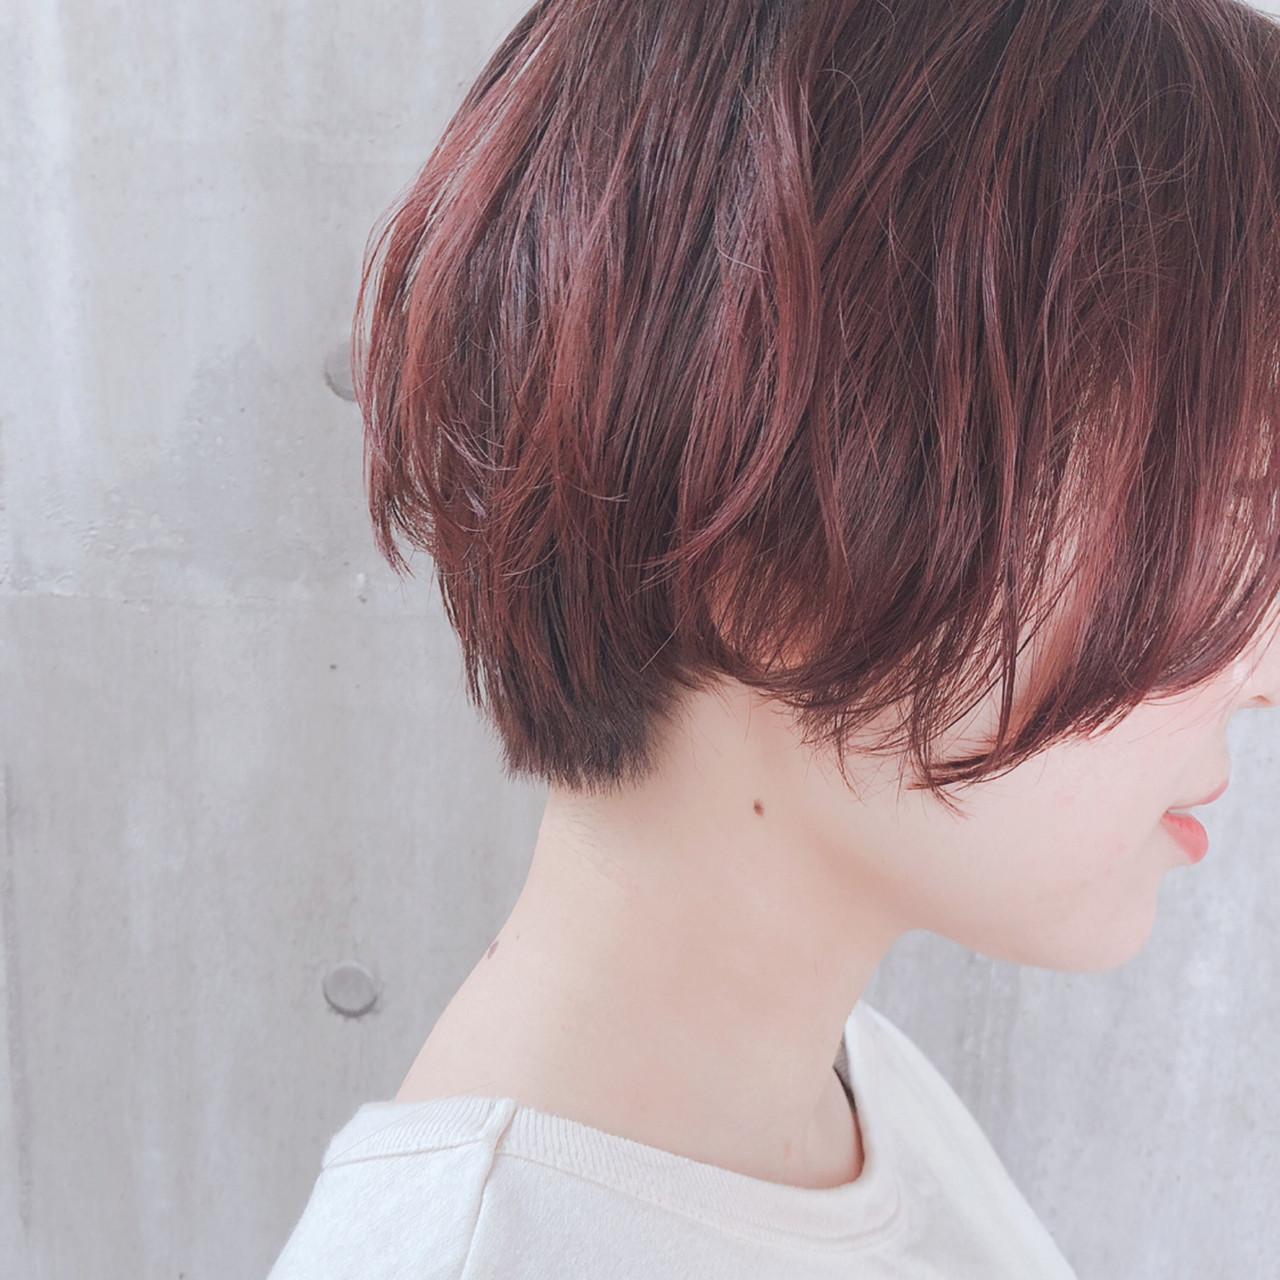 ナチュラル ラベンダーピンク ショートヘア ピンクベージュ ヘアスタイルや髪型の写真・画像